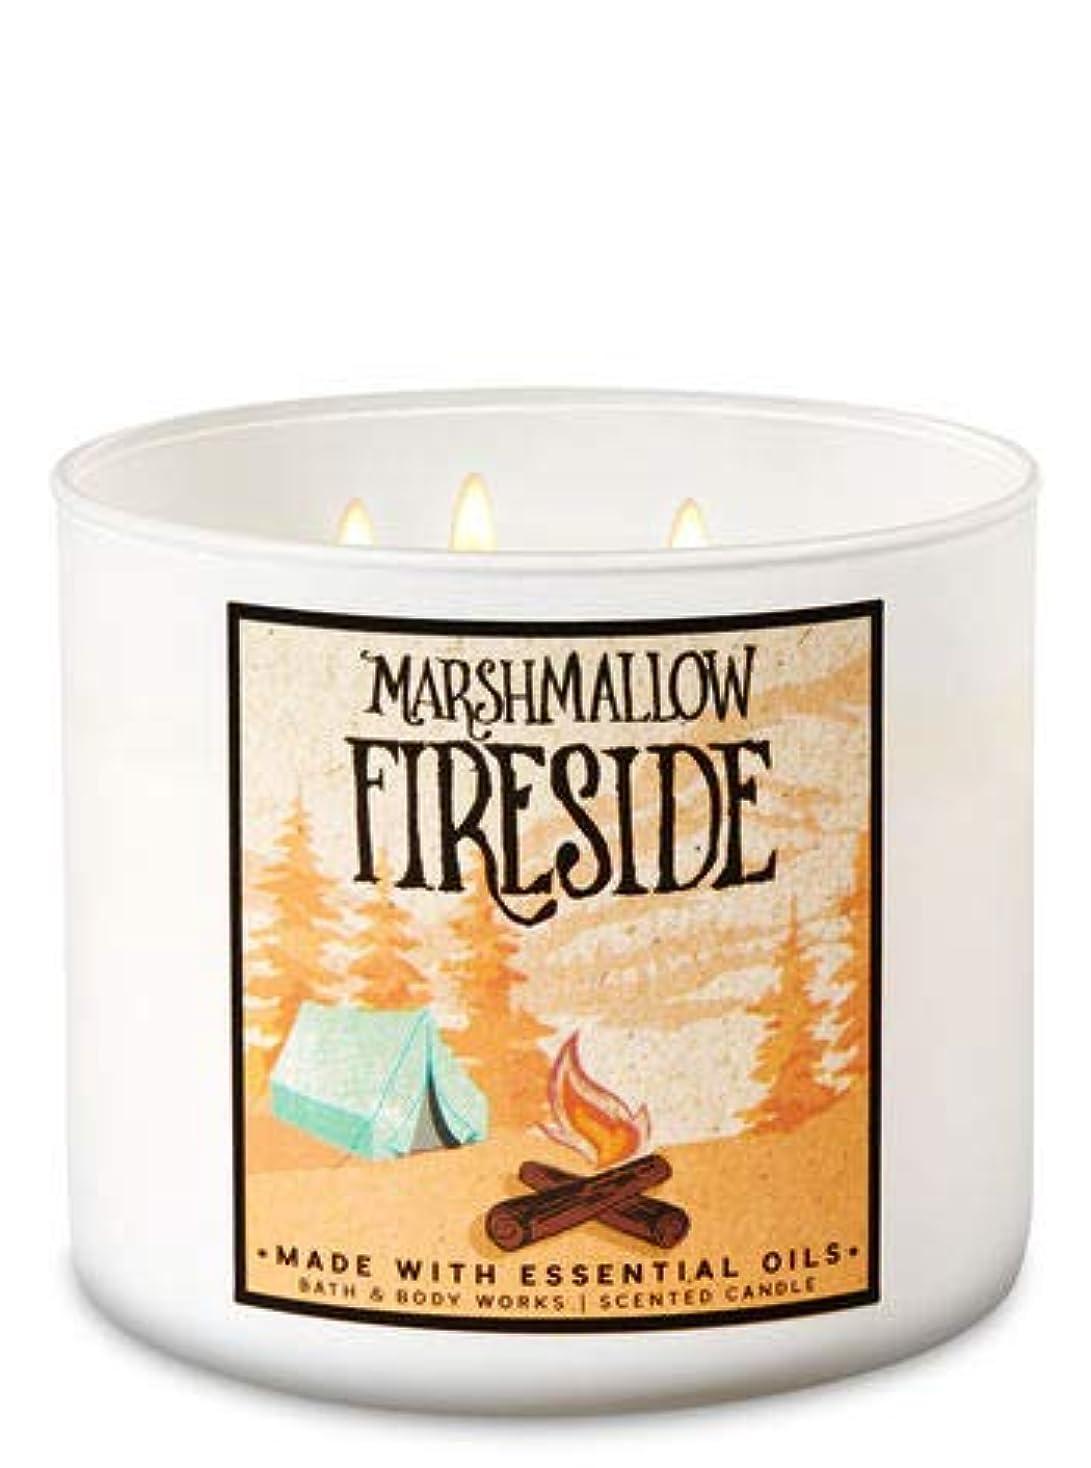 後者結果として付添人【Bath&Body Works/バス&ボディワークス】 アロマキャンドル マシュマロファイヤーサイド 3-Wick Scented Candle Marshmallow Fireside 14.5oz/411g [並行輸入品]